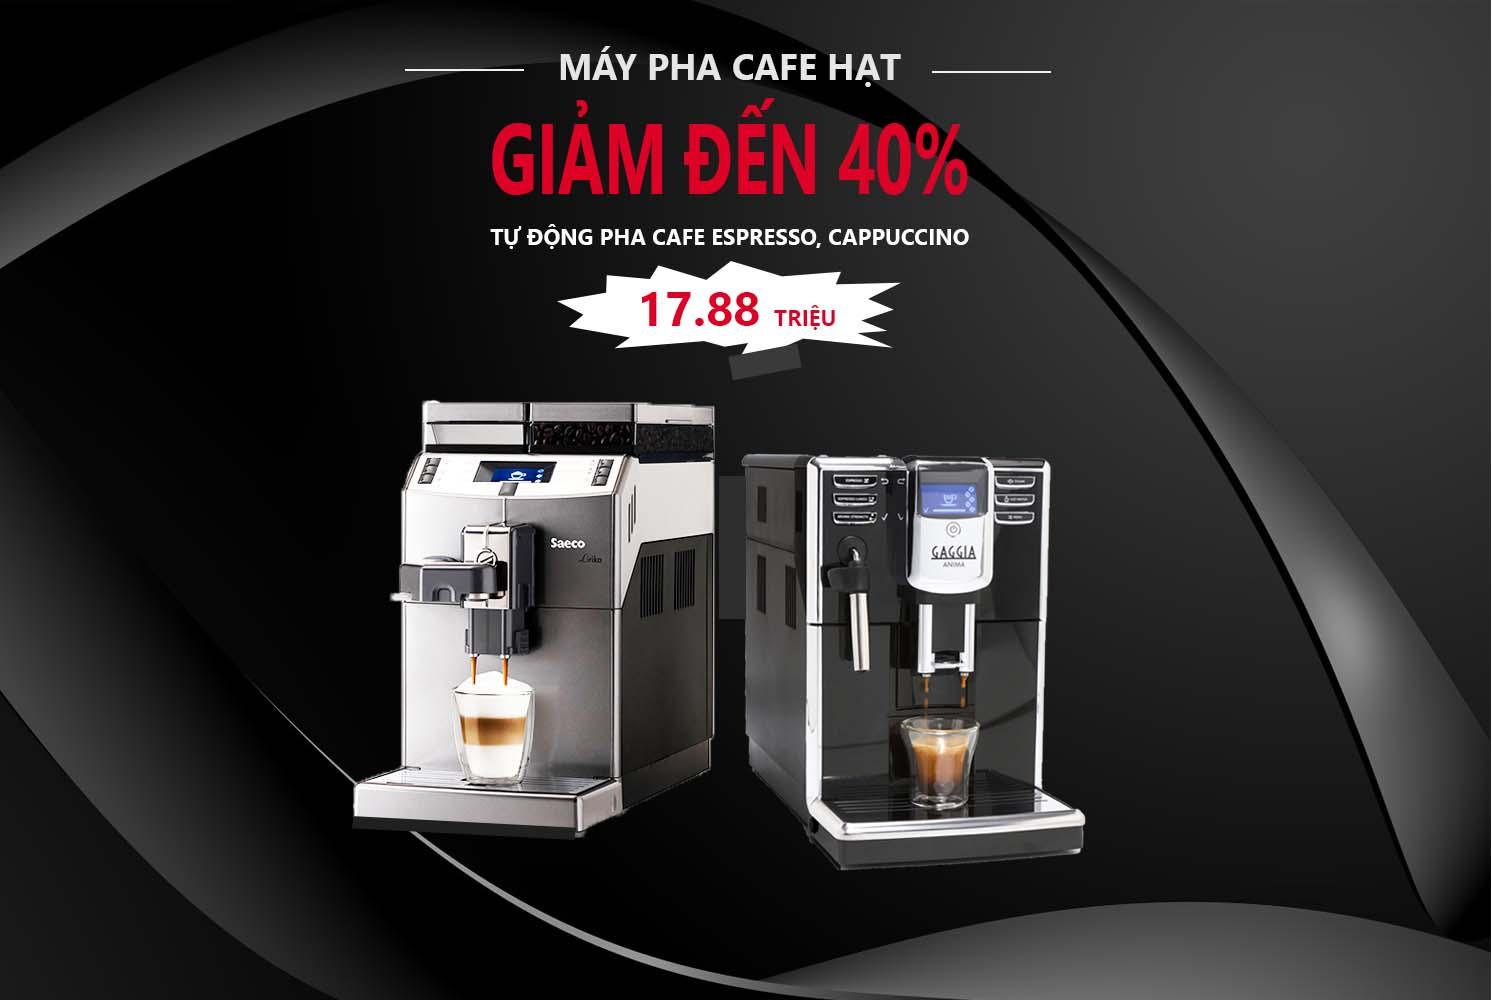 Máy pha cà phê hạt giảm 40% - Hàng chính hãng rẻ nhất thị trường